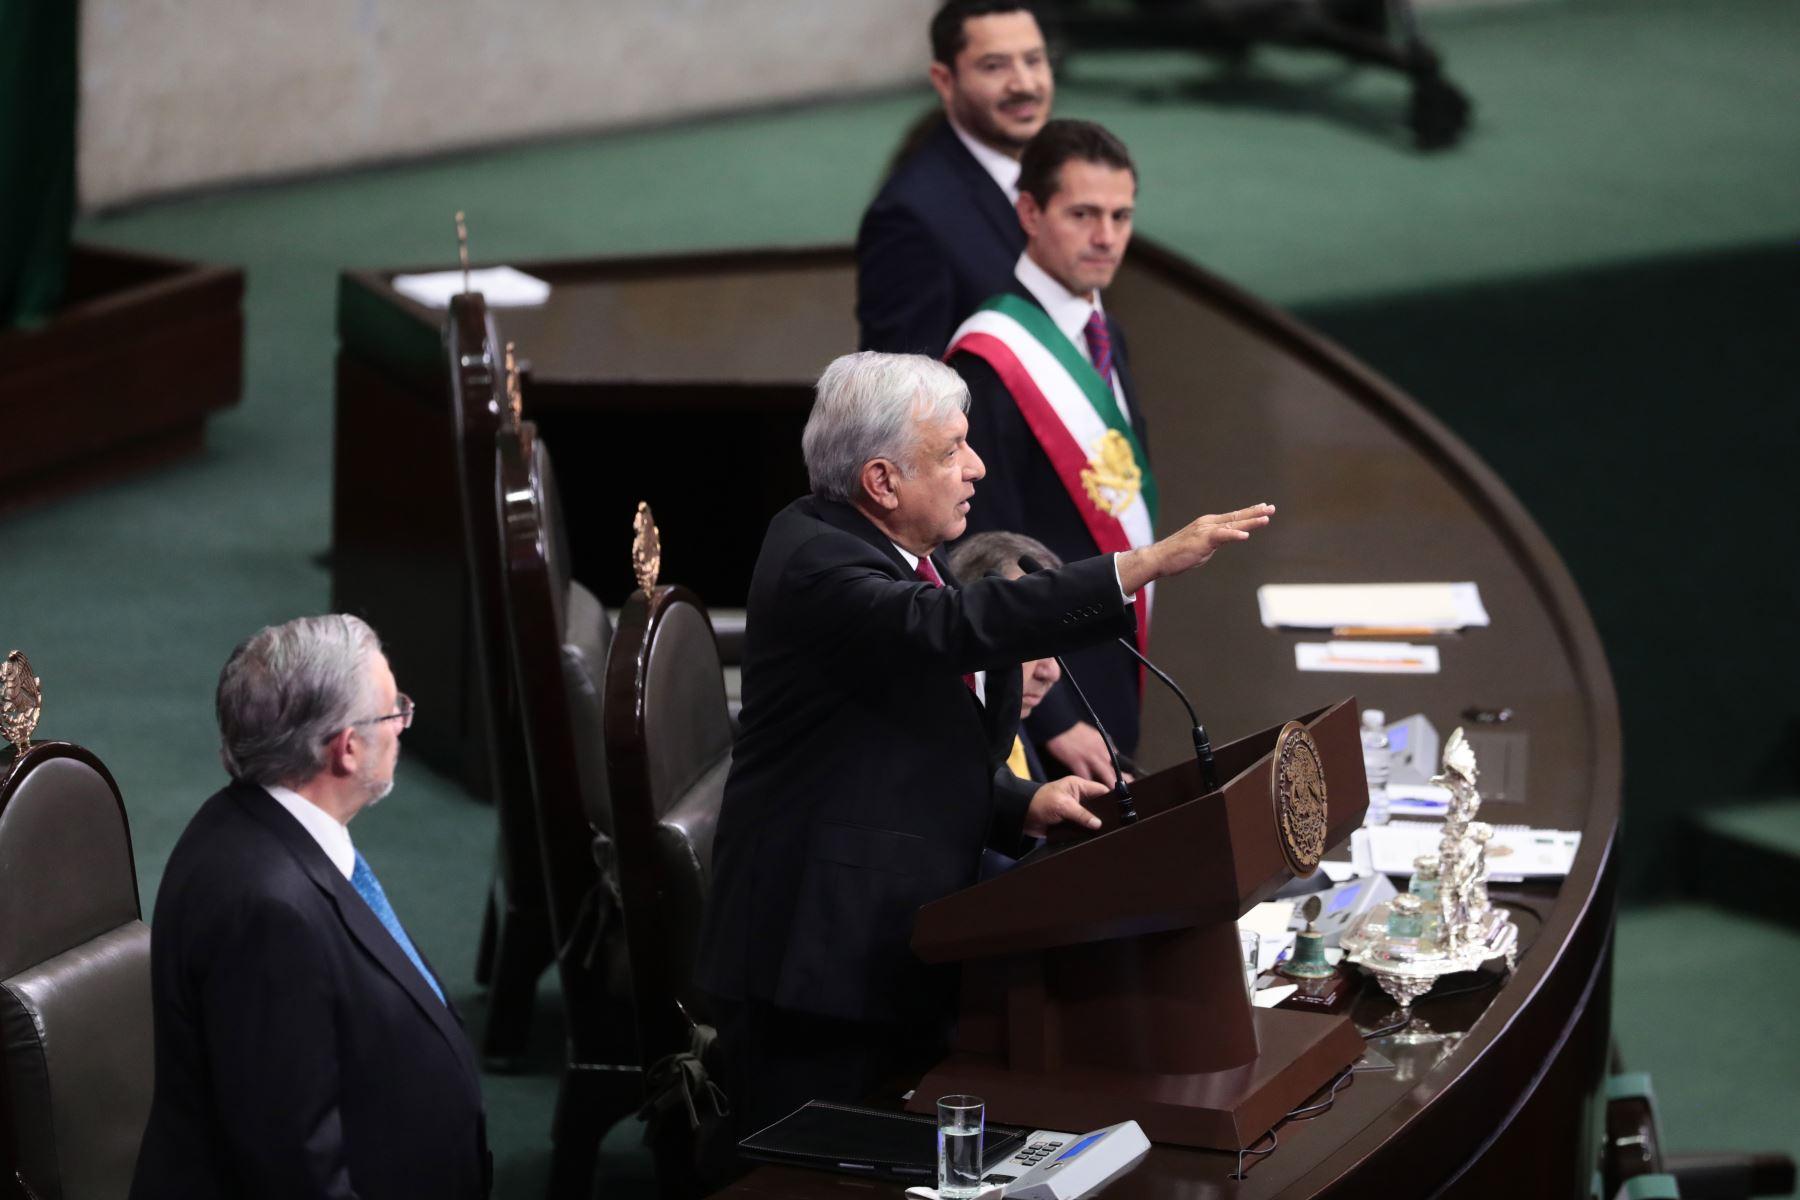 Jefe de Estado Martín Vizcarra asistiò a la toma de mando del presidente electo de México, Andrés Manuel López Obrador. Foto: ANDINA/Prensa Presidencia